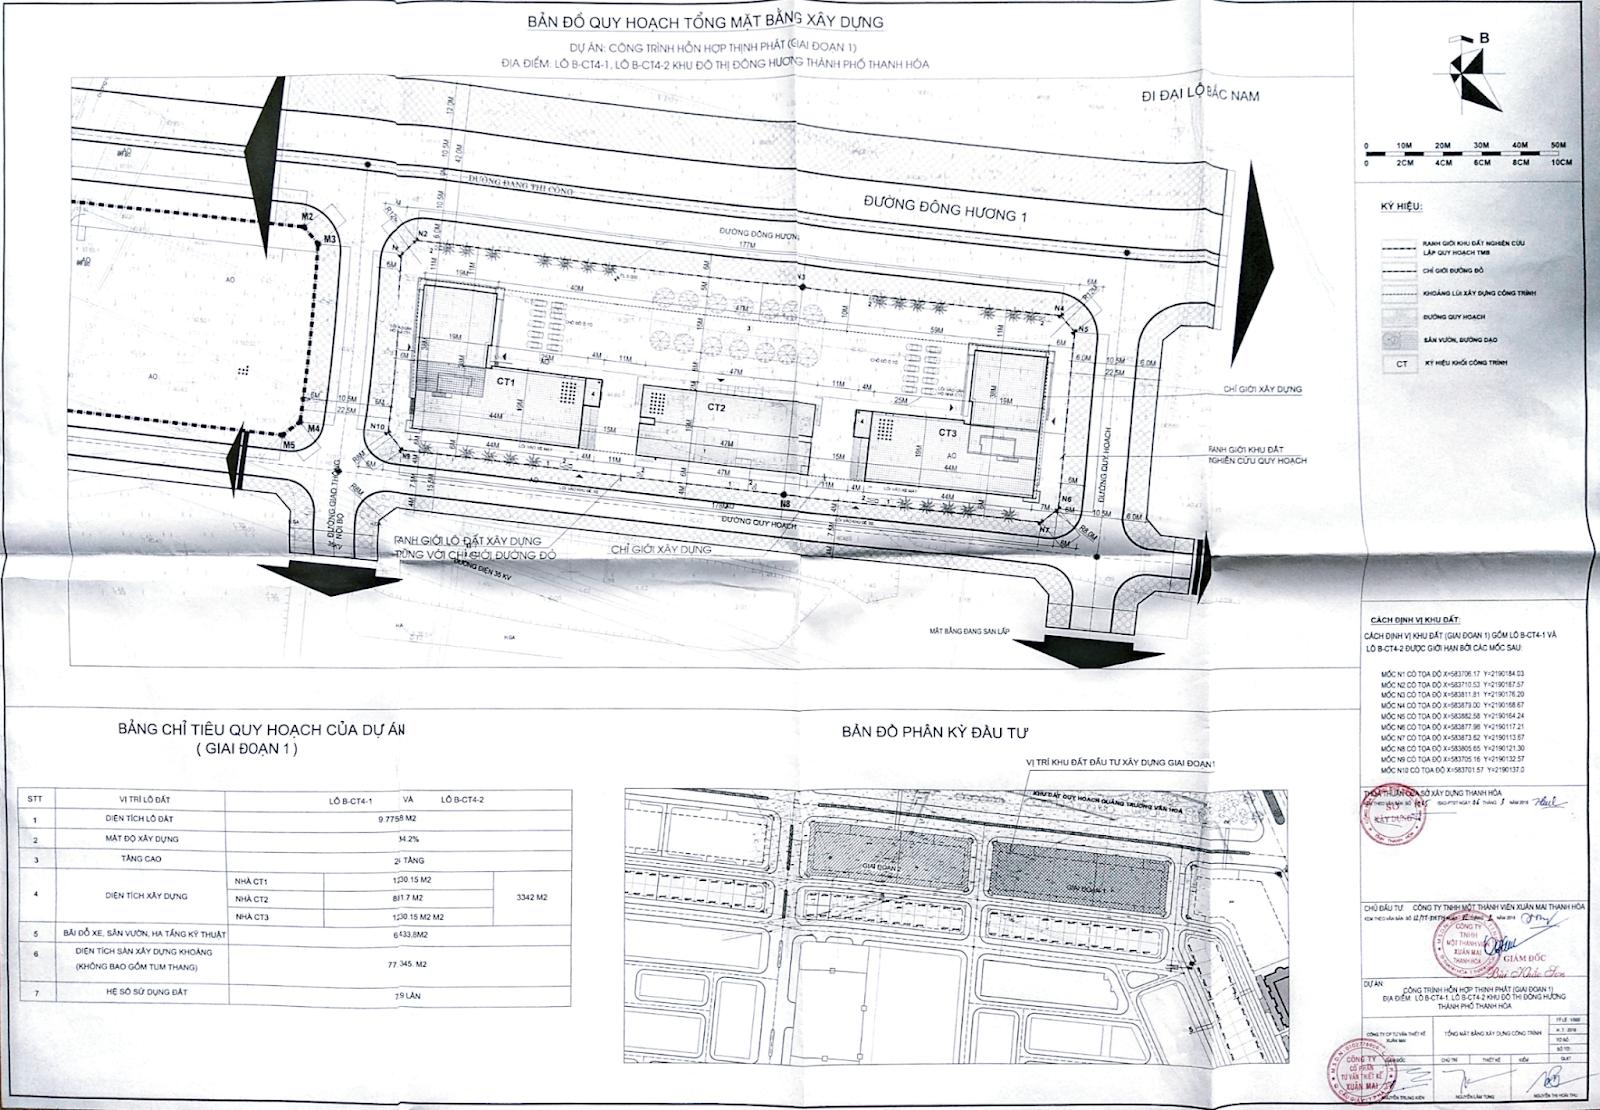 Bản đồ khu đất dự án chung cư Xuân Mai Tower